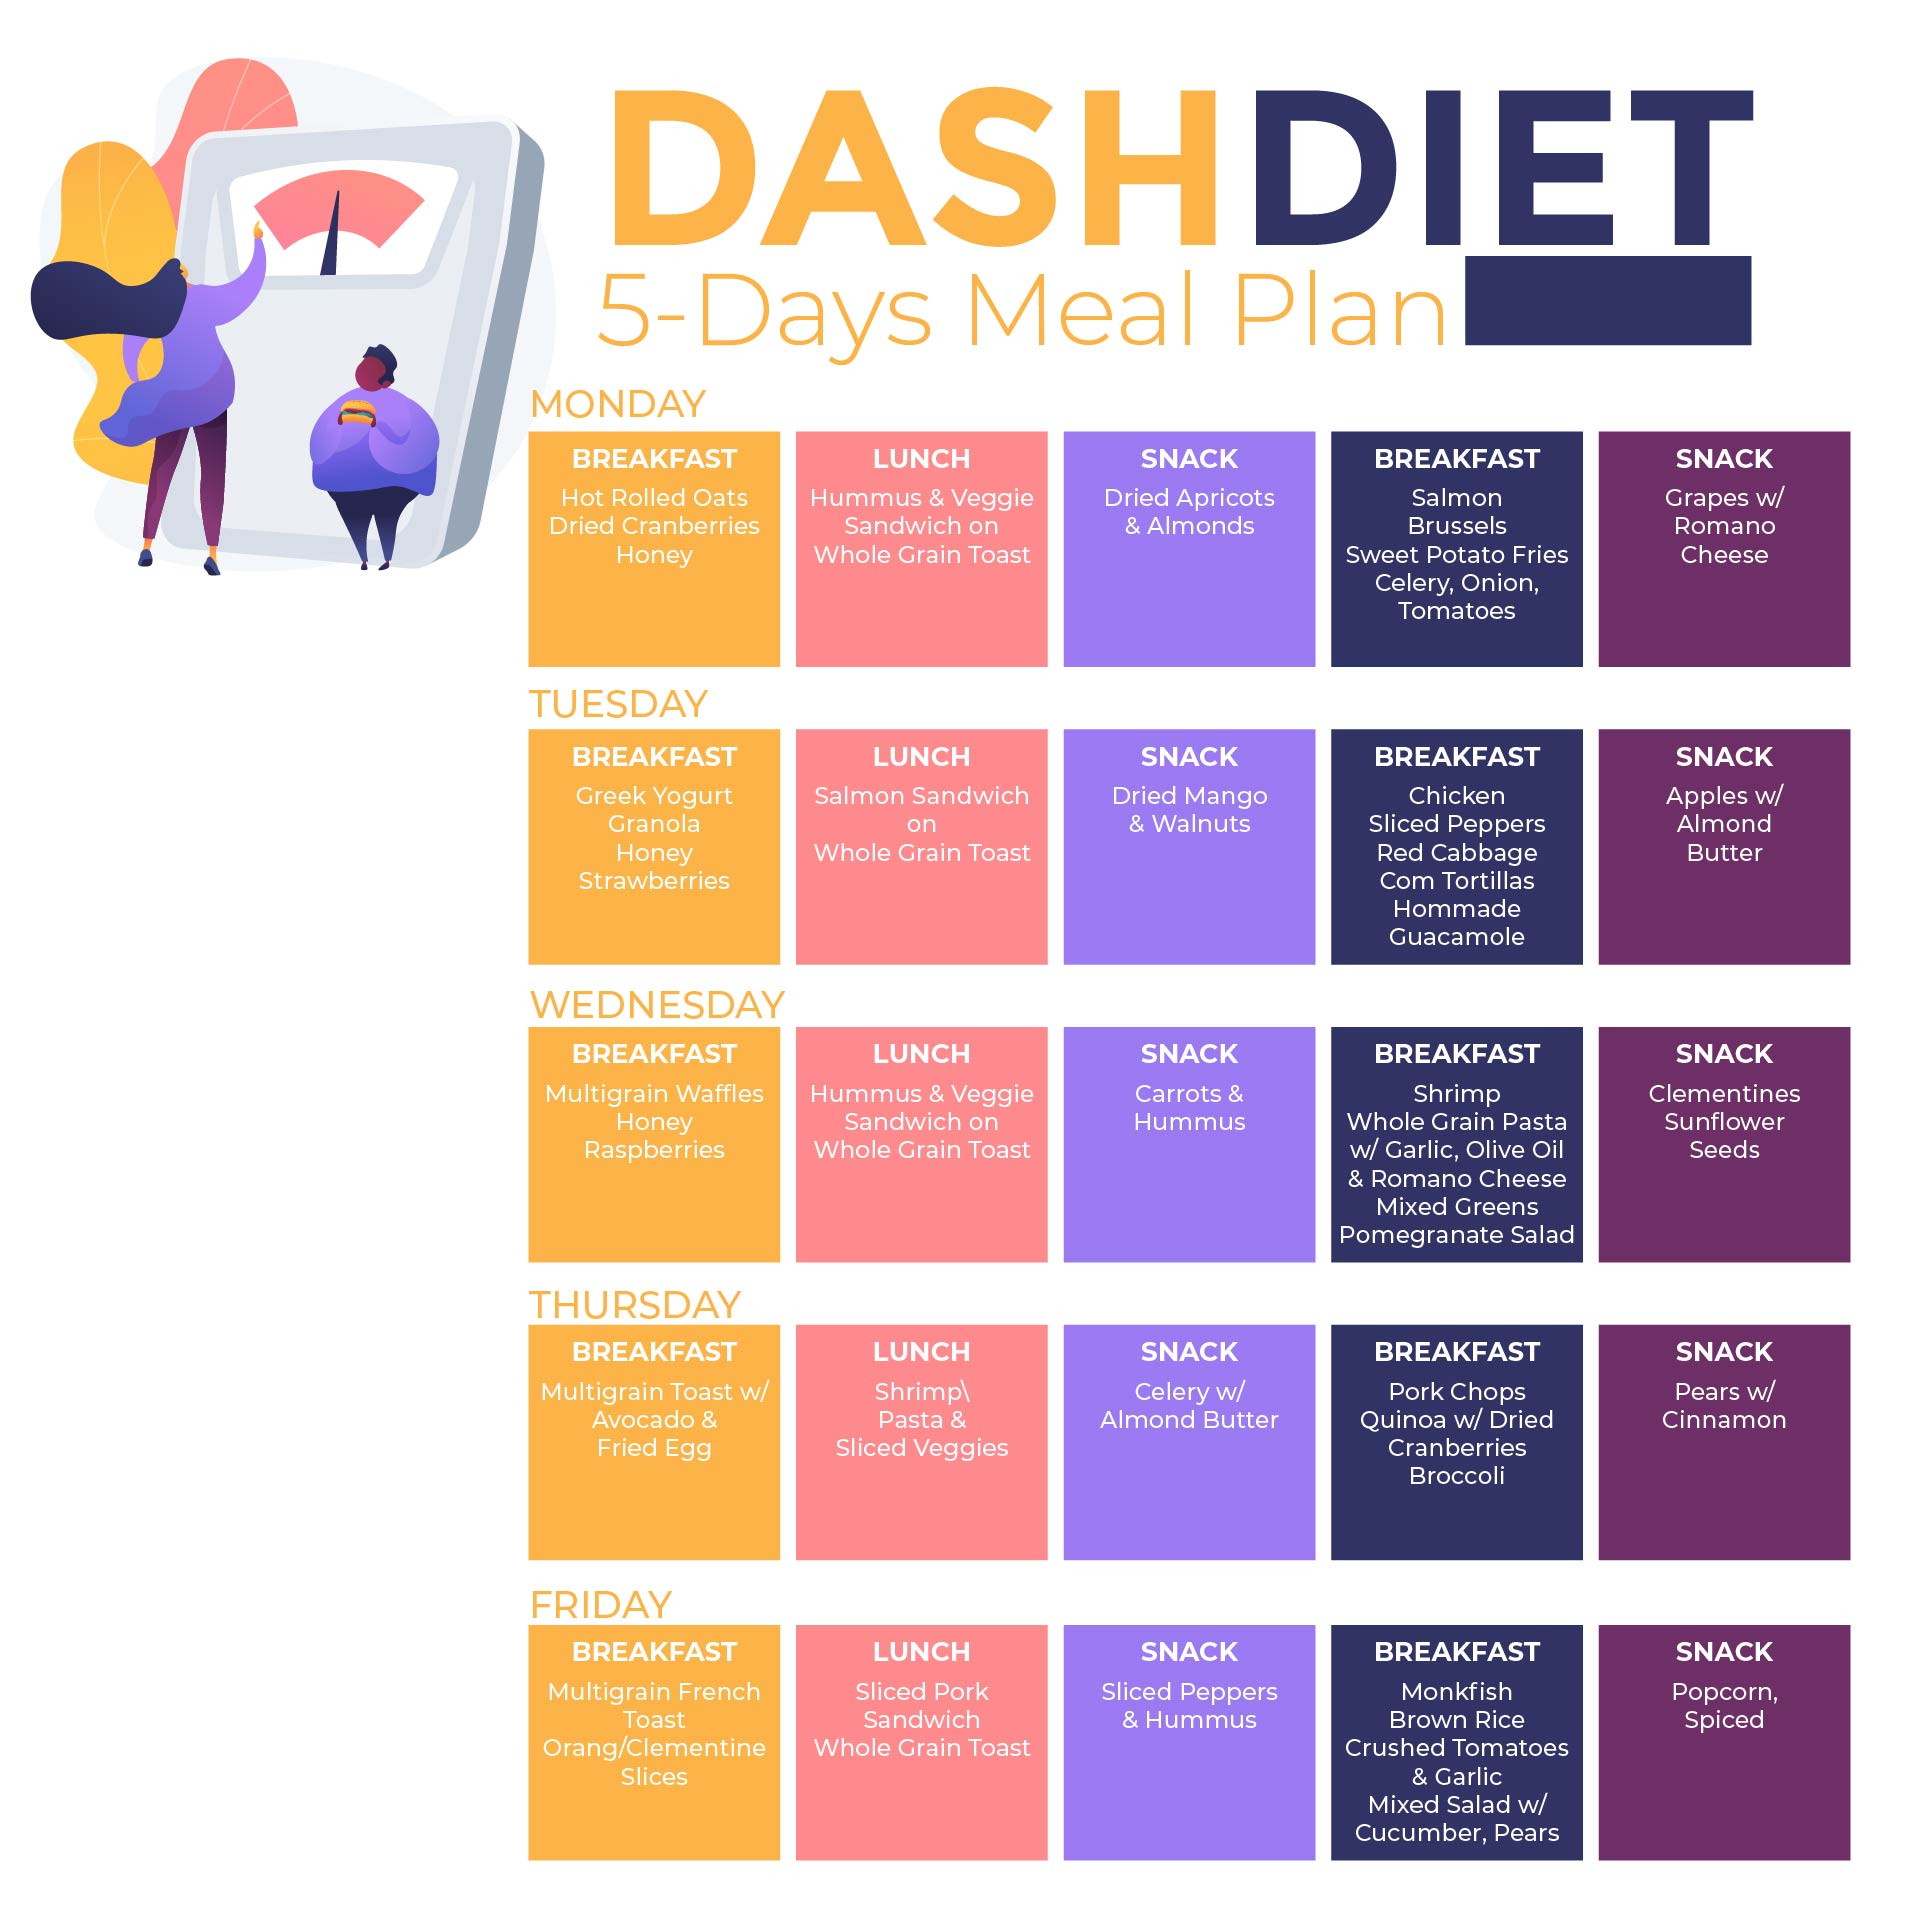 impression about dash diet